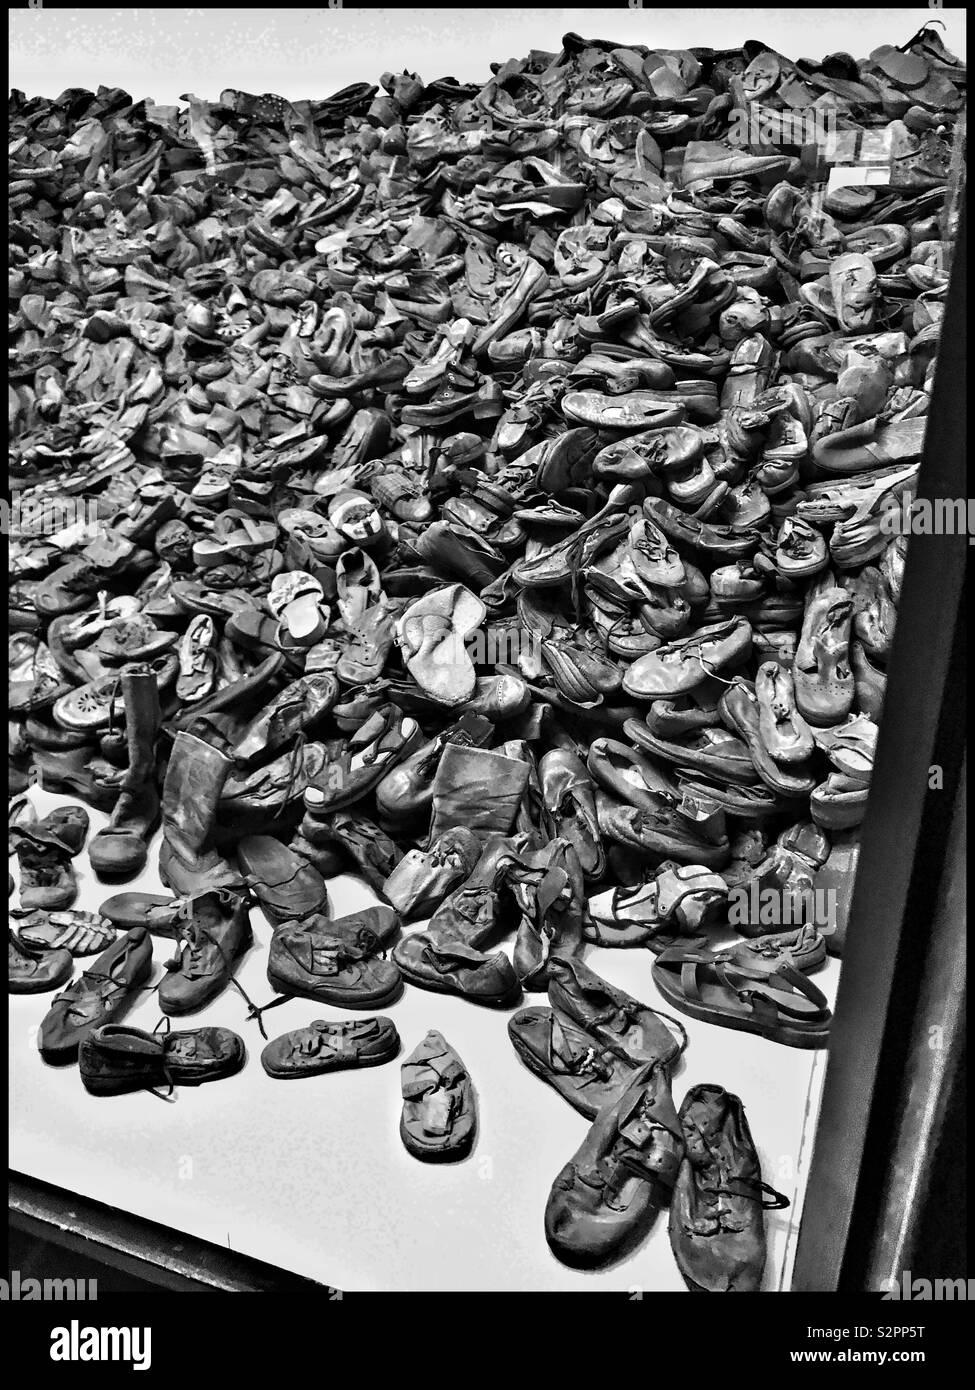 Ein unglaublicher Anblick - einen riesigen Haufen von beschlagnahmten Schuhe: von Opfern des NS-Völkermords besessen. Teil einer Anzeige an das ehemalige Konzentrationslager Auschwitz, die jetzt ein Museum. Pic. © CH Stockbild